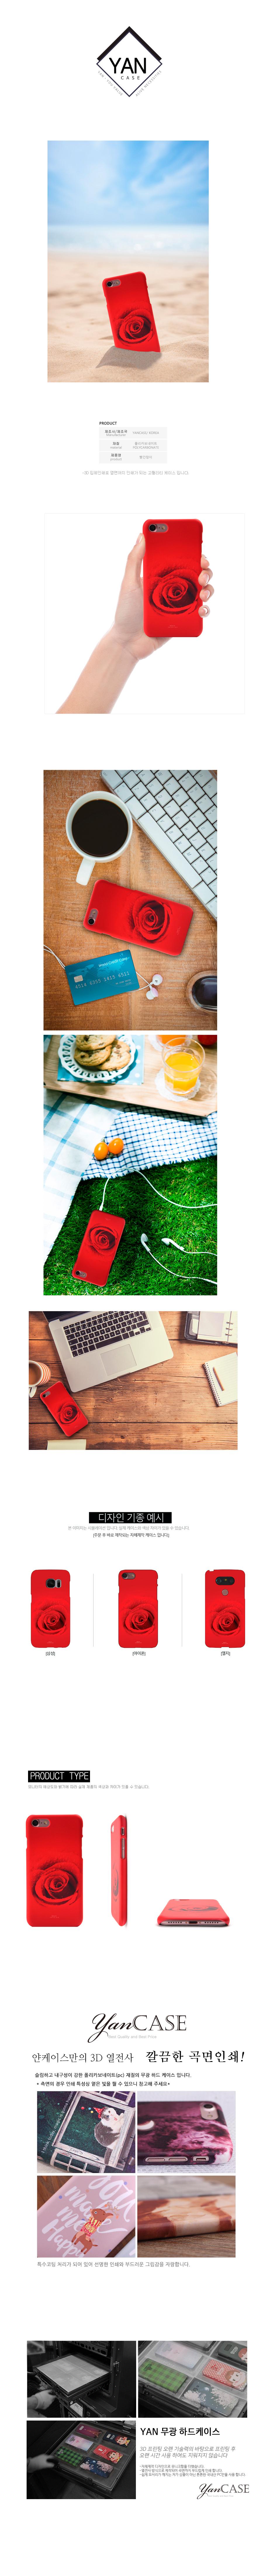 갤럭시노트8 빨간로즈 하드케이스 N950 - 얀케이스2, 13,500원, 케이스, 갤럭시노트8